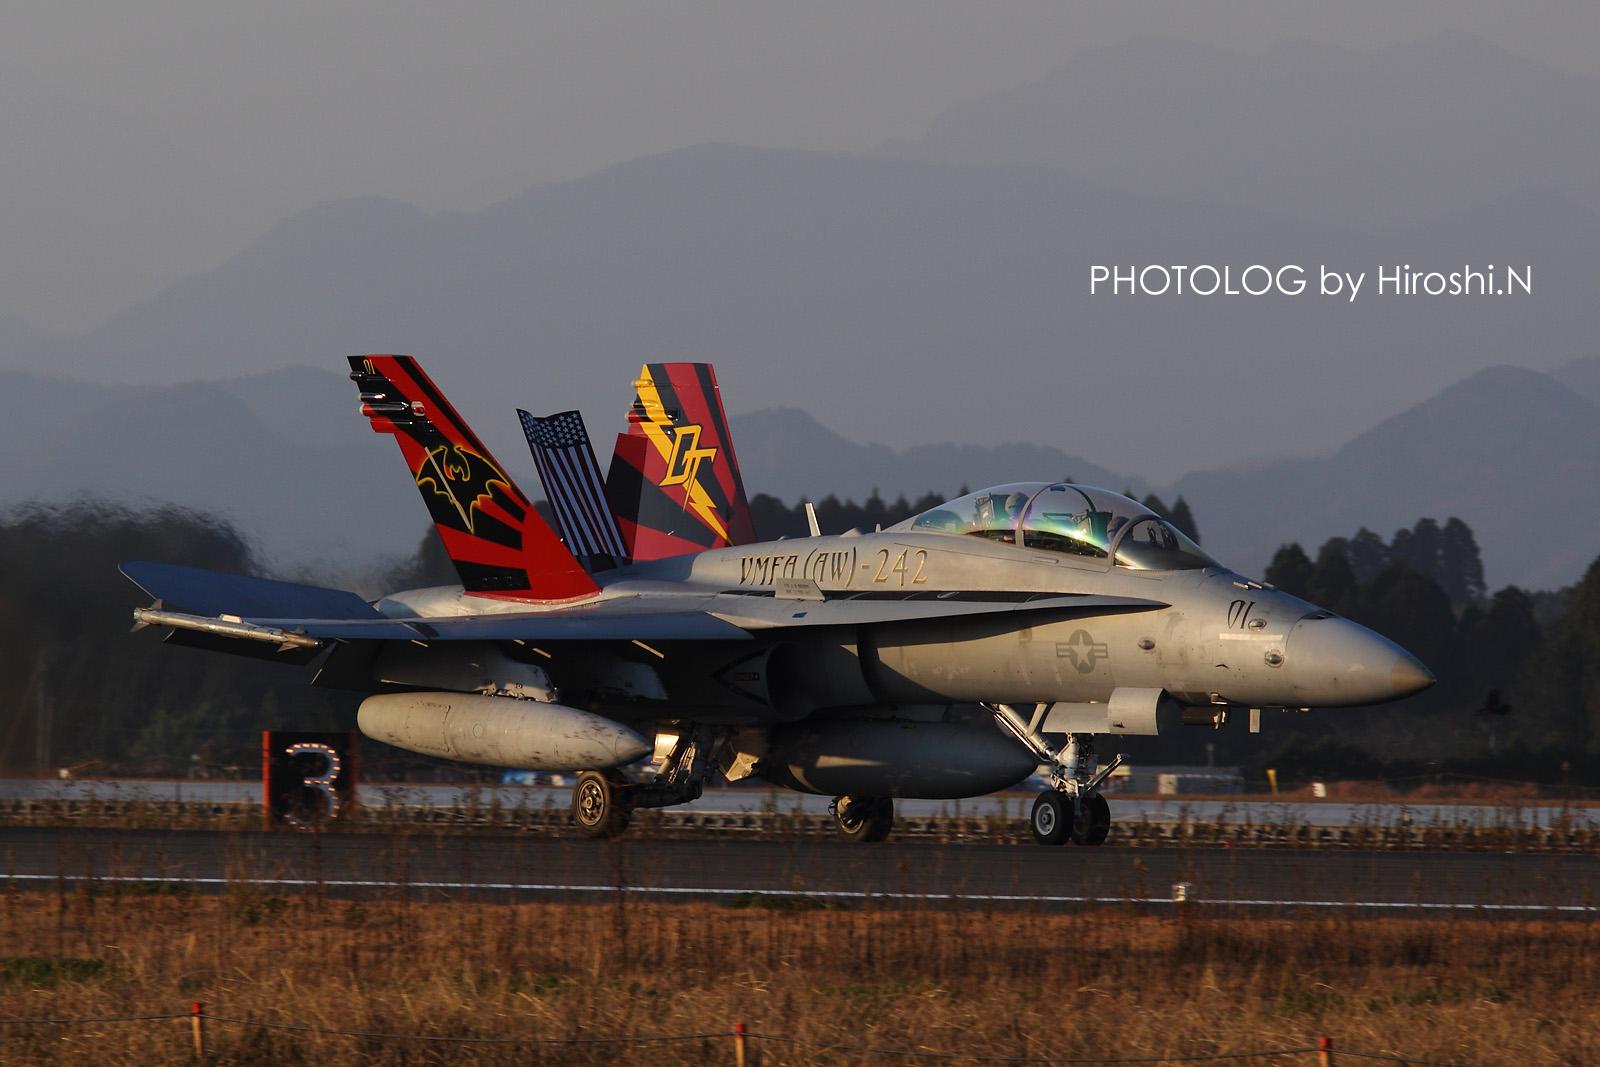 新田原基地航空祭2010 -予行 Pre Airshow-②米軍機_b0183406_09256.jpg